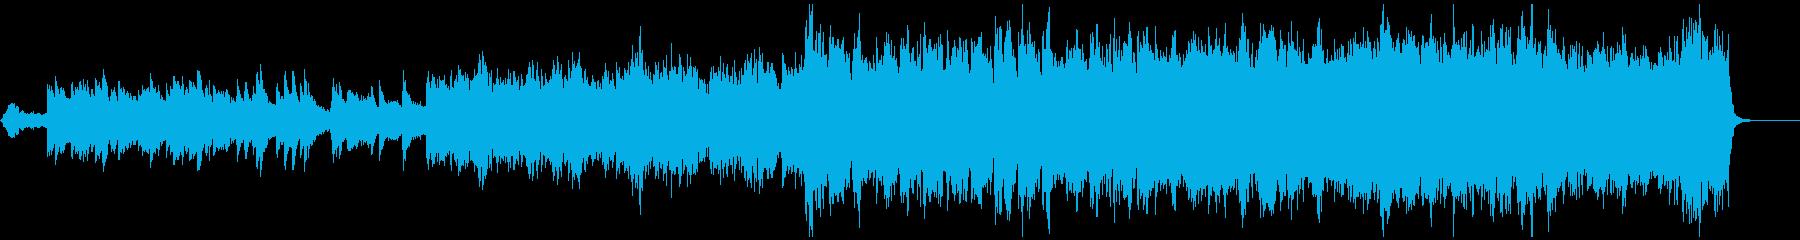 感動的なオーケストラのBGMの再生済みの波形